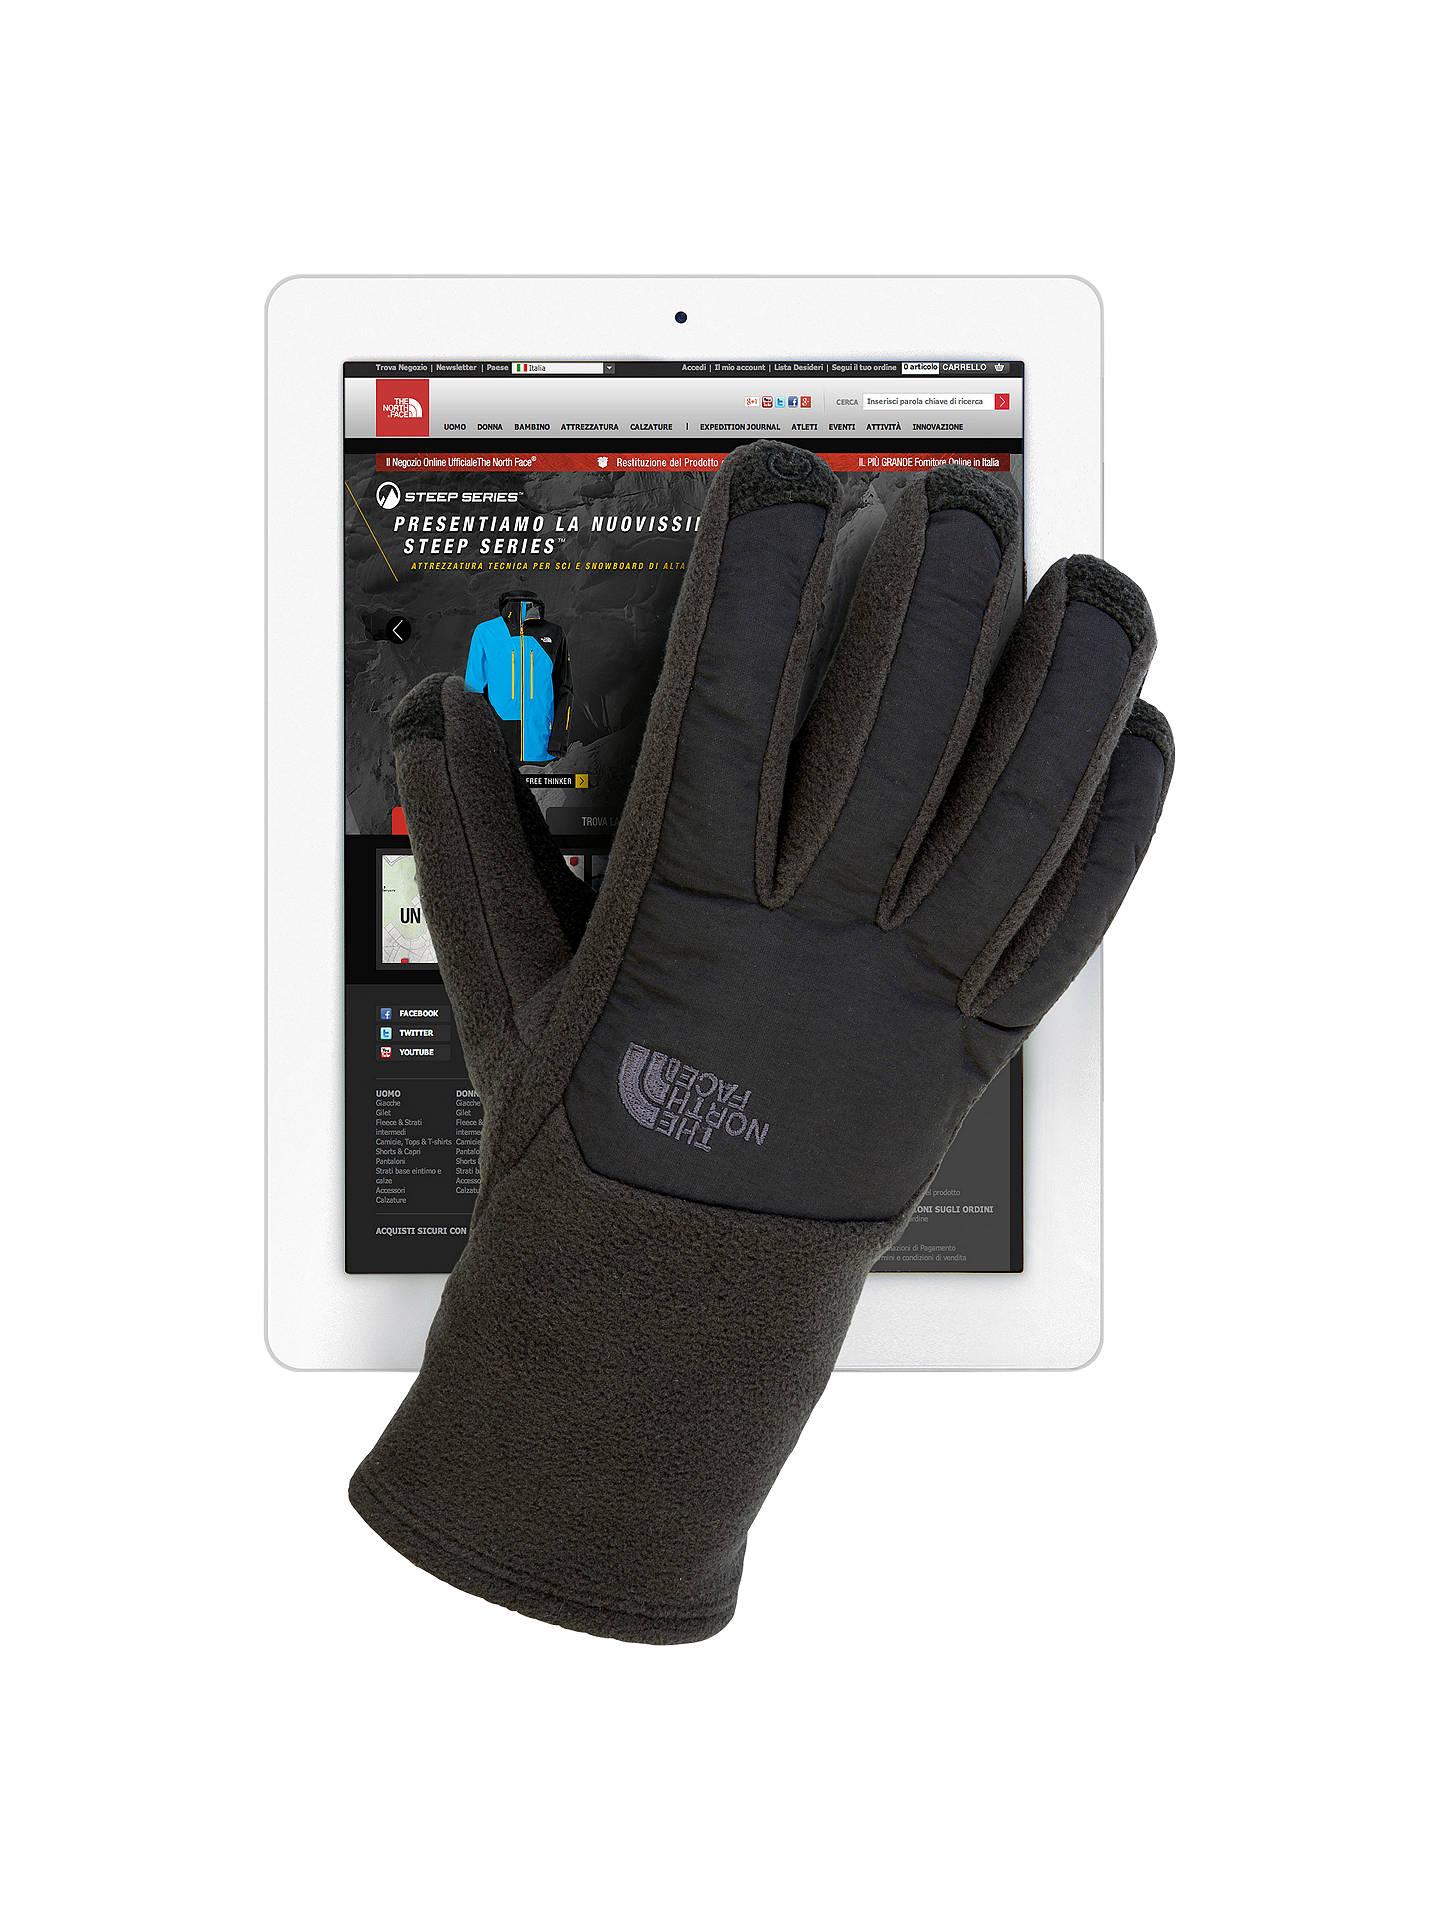 33c7350ef The North Face Men's Denali Etip Gloves, Black at John Lewis & Partners